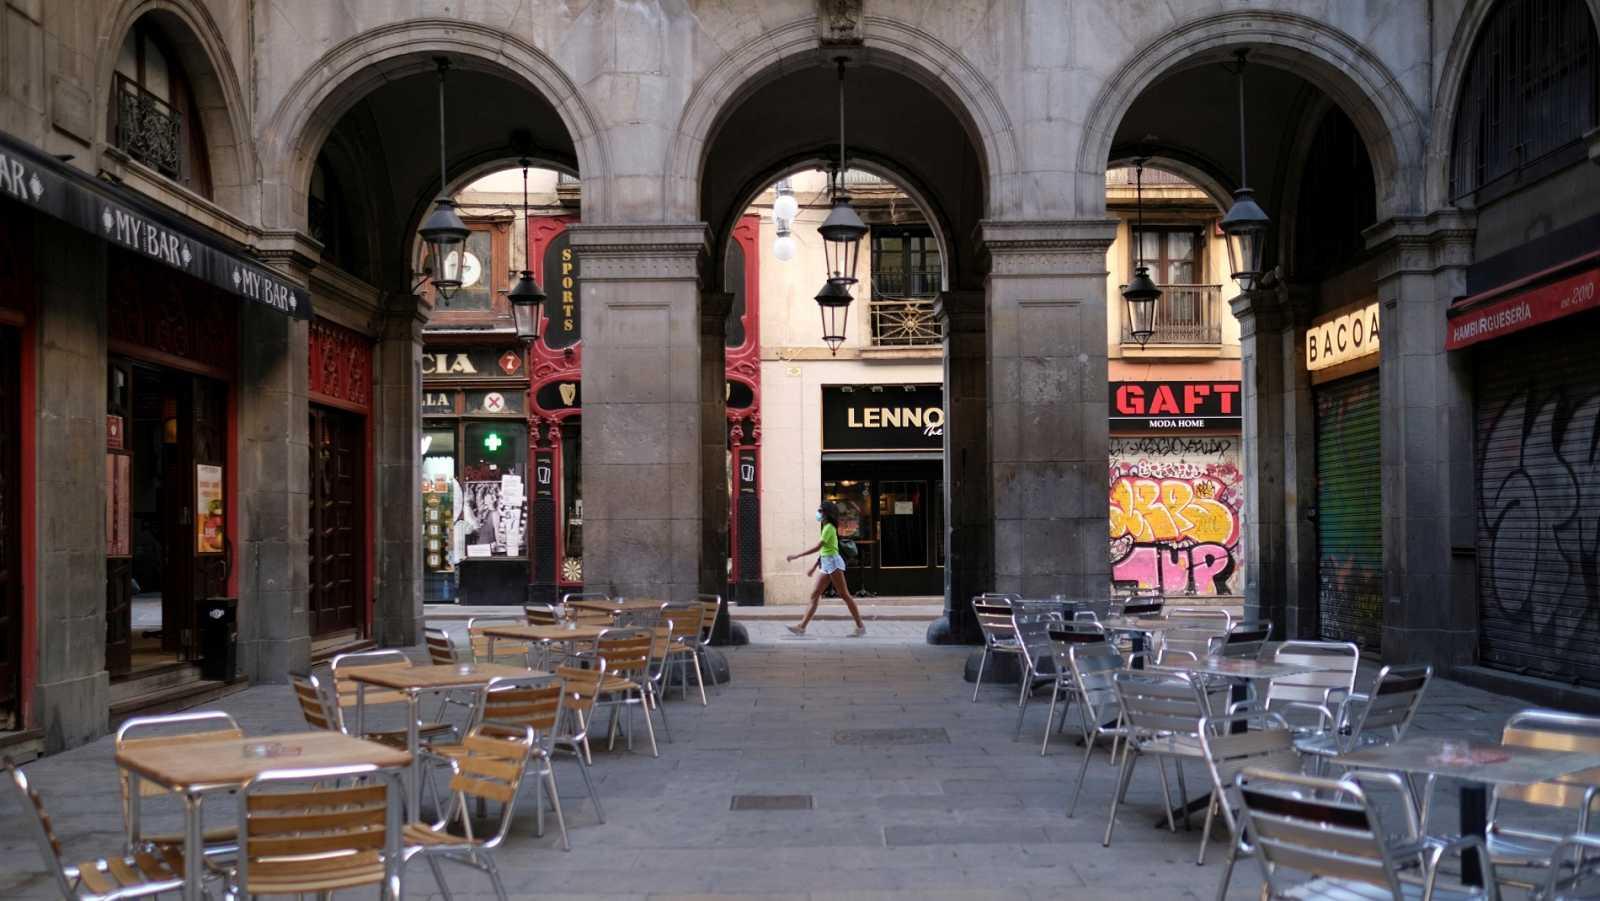 Comercios cerrados y terrazas vacías en la Plaza Real de Barcelona